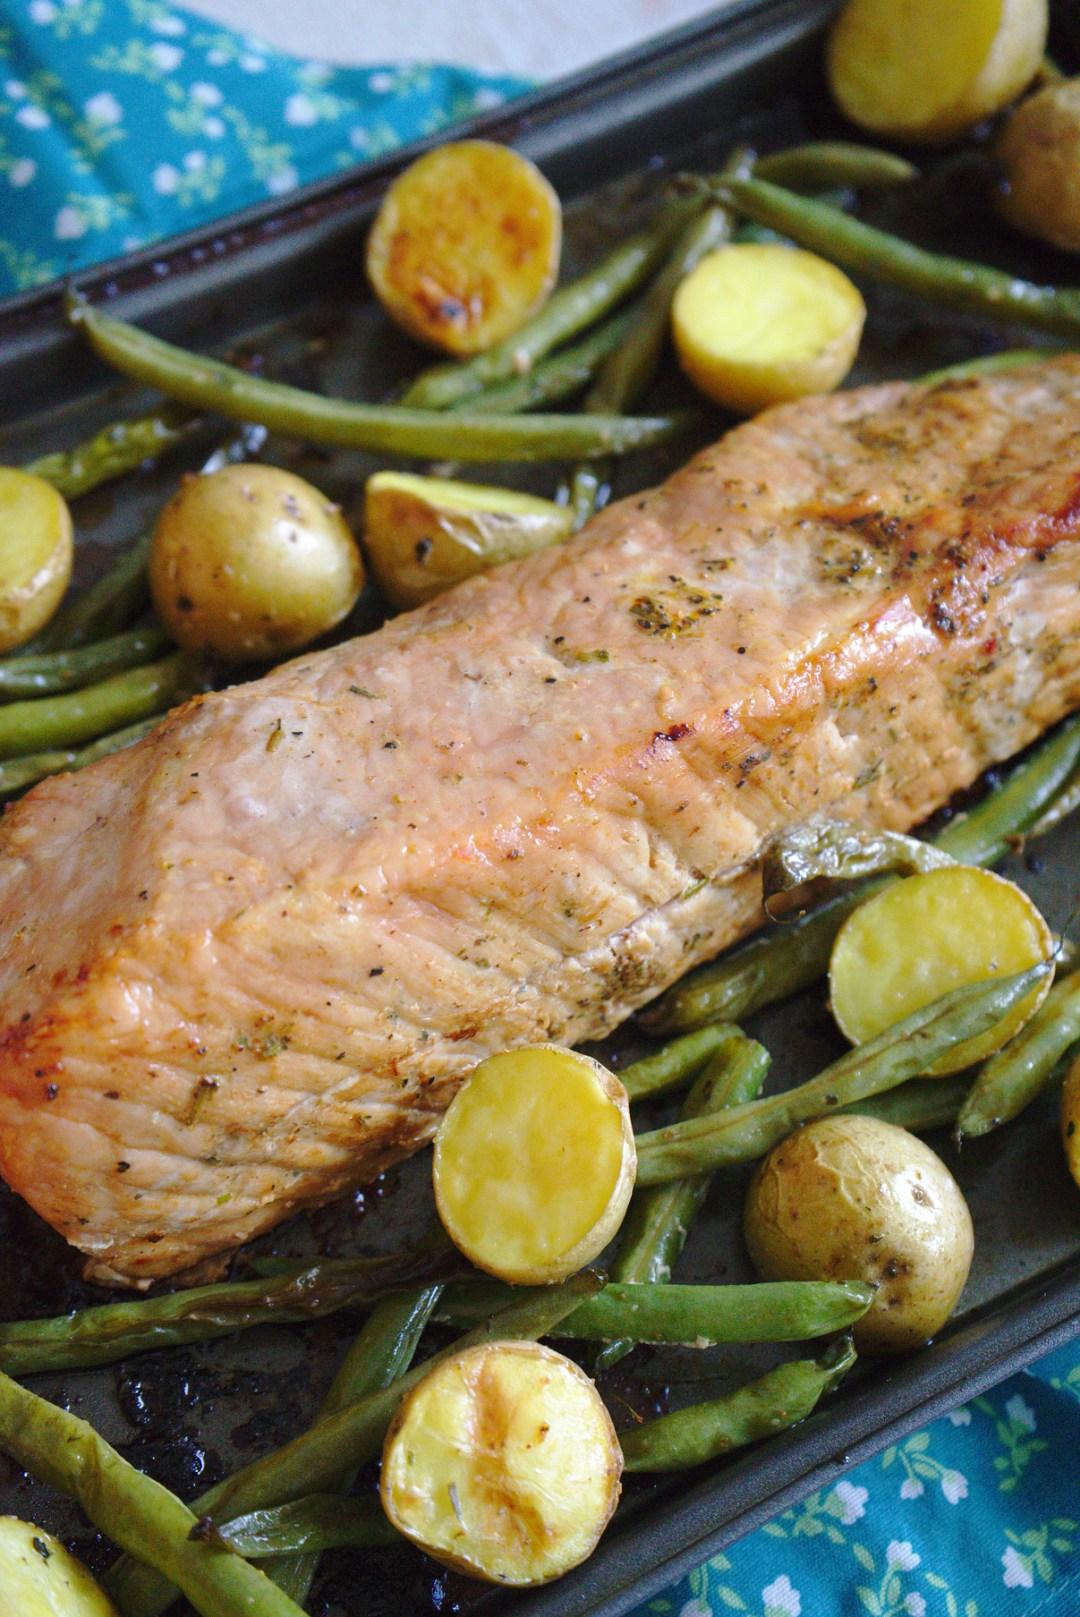 Sheet Pan Garlic Herb Pork and Veggies